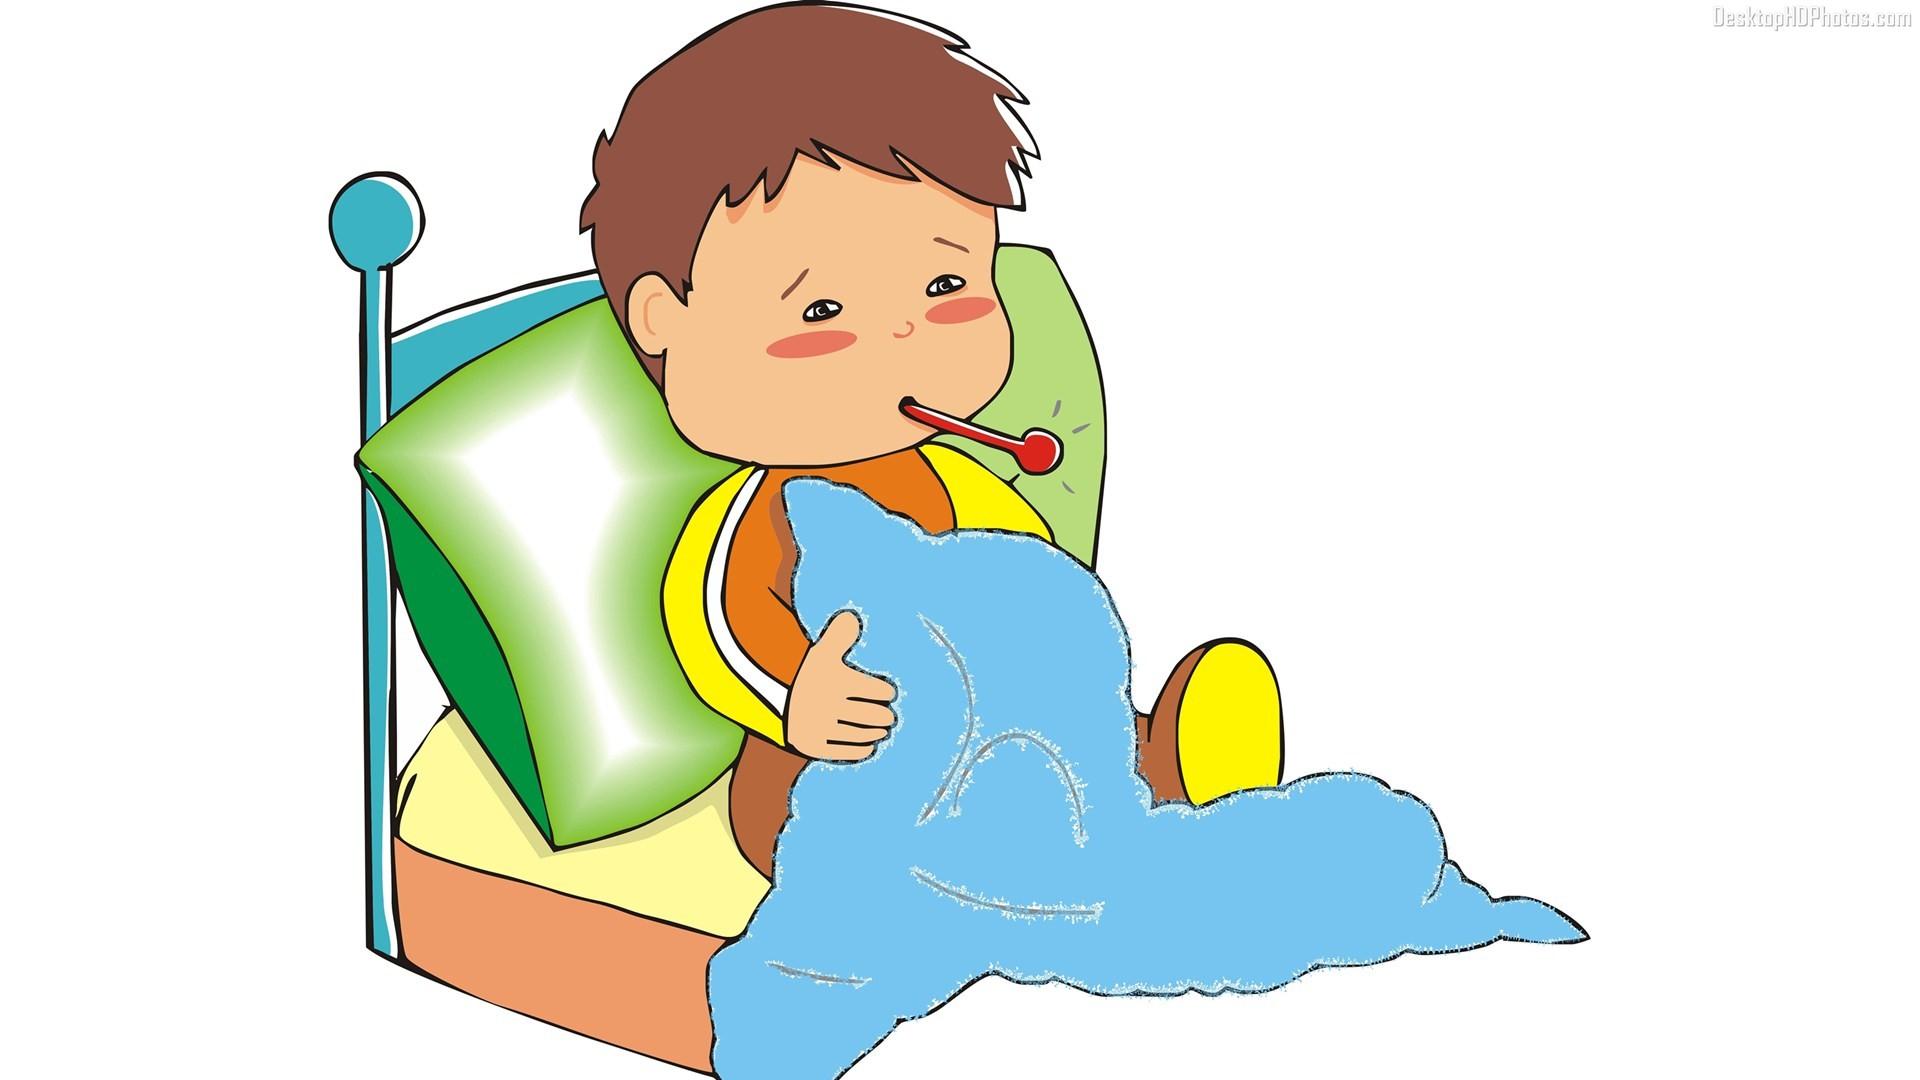 Sick clipart sick boy #2